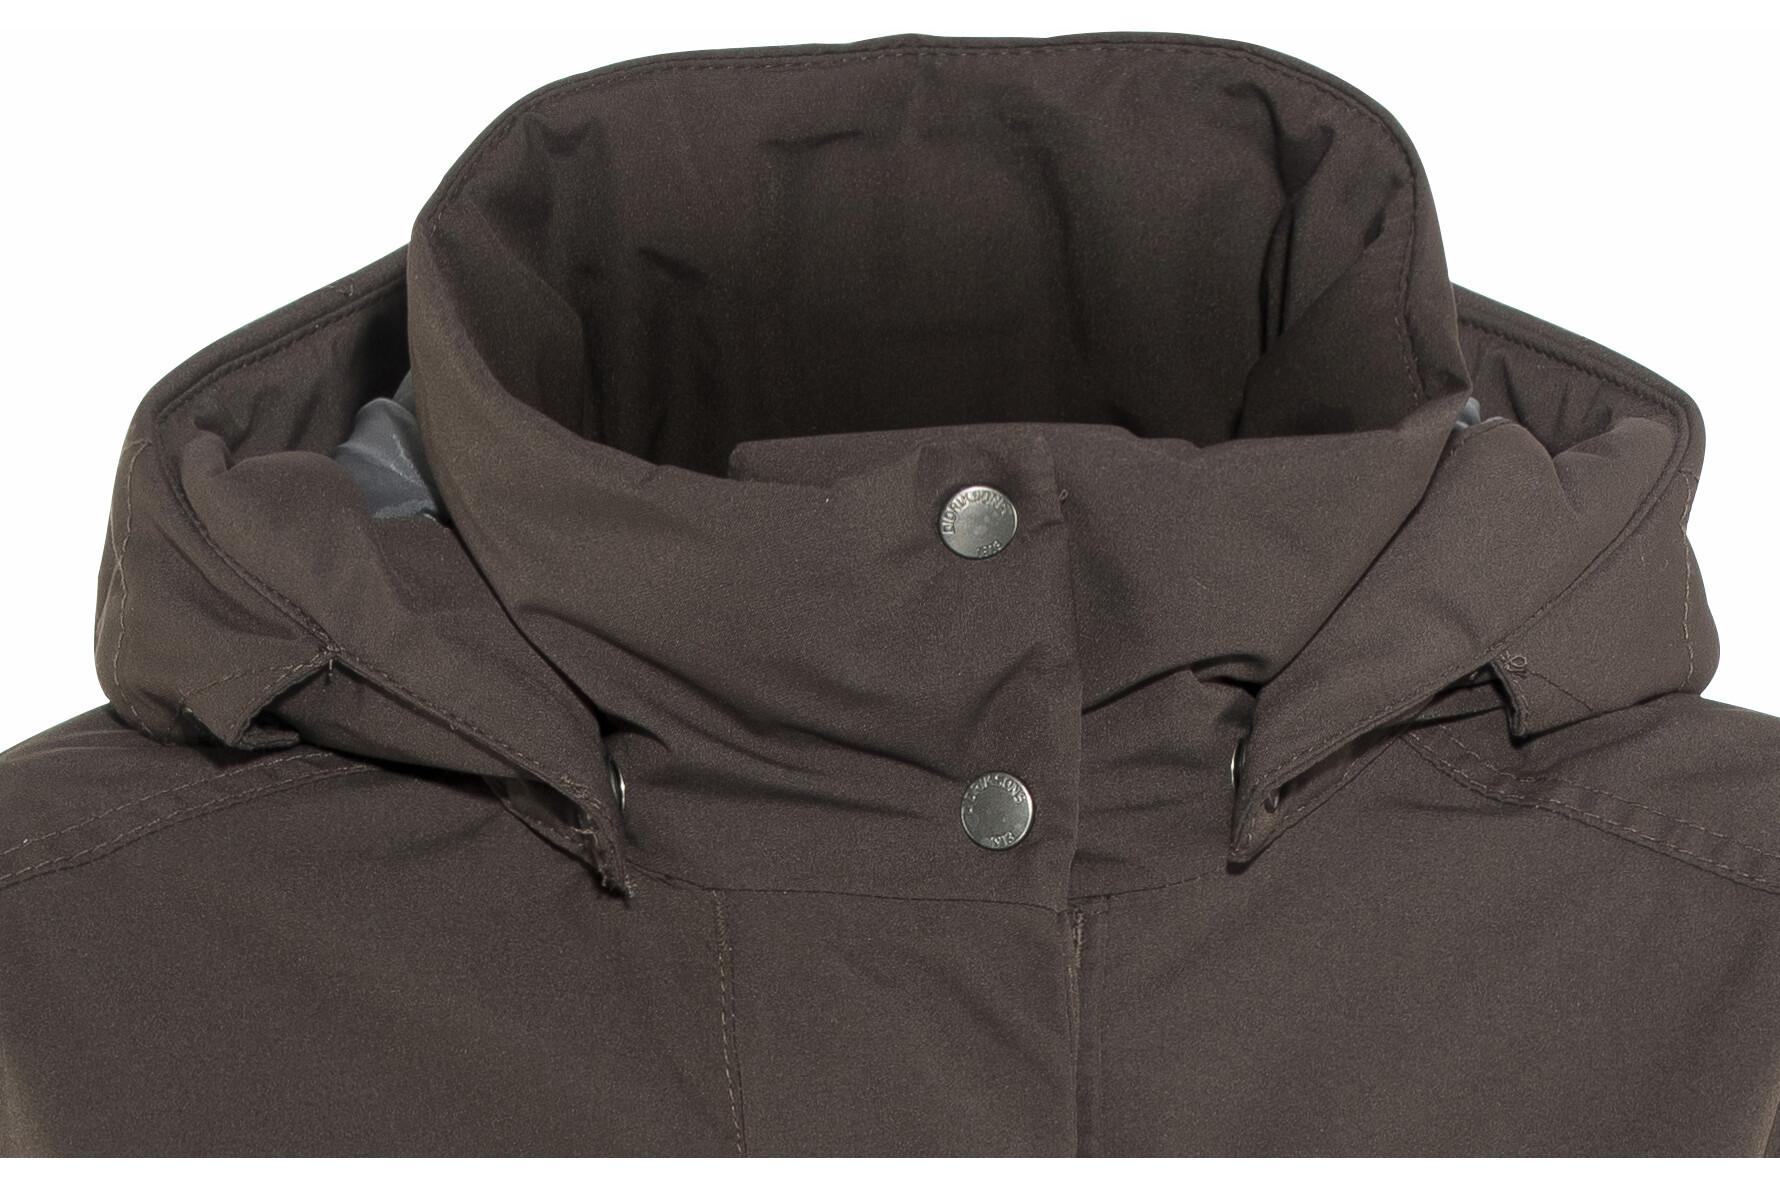 29ae10b9 Didriksons 1913 Eline Parka Damer, chocolate brown | Find outdoortøj ...